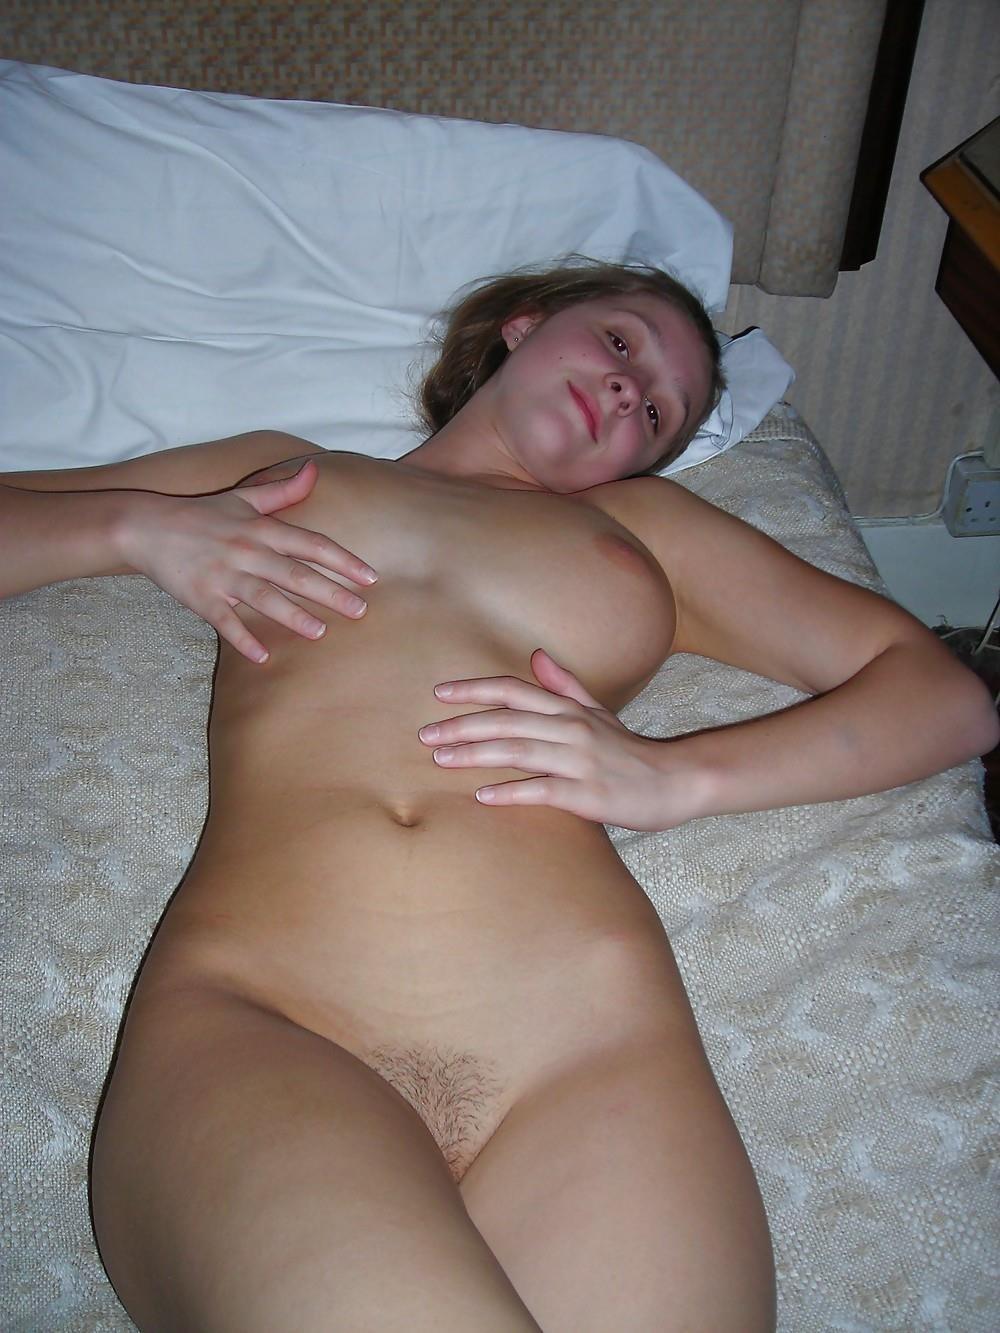 Teen big boobs topless-3914